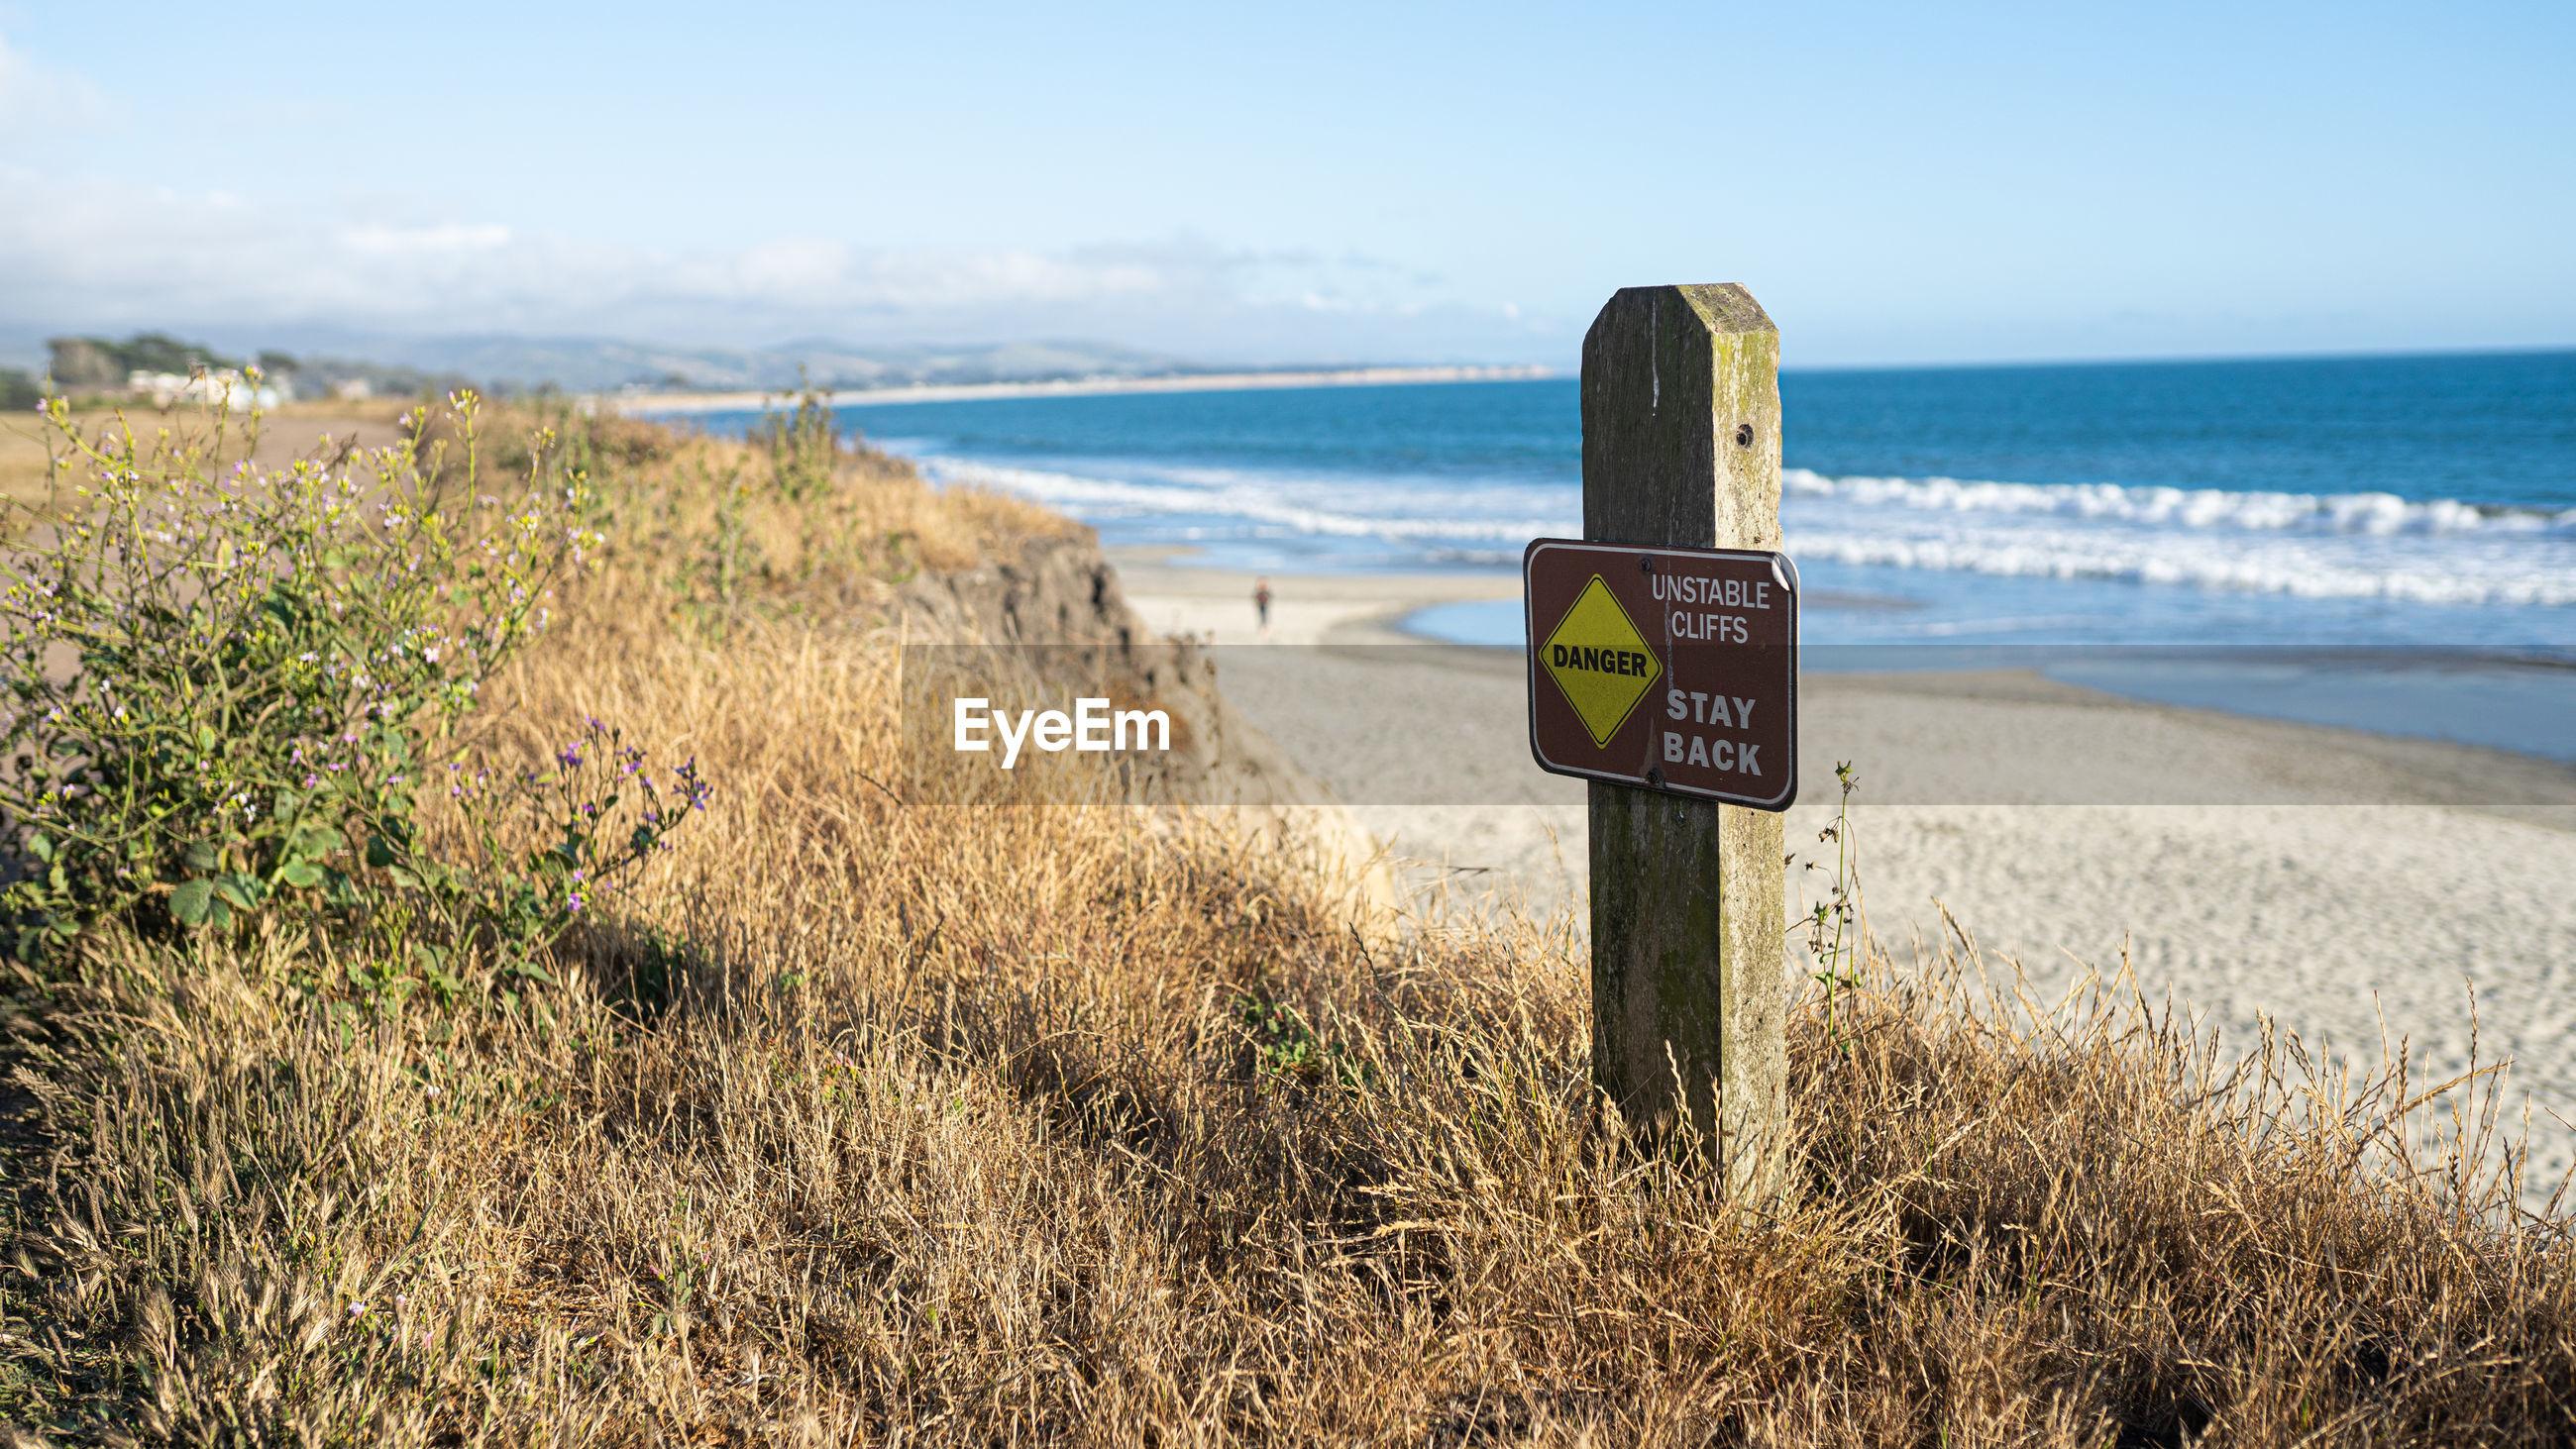 SIGN ON BEACH AGAINST SKY